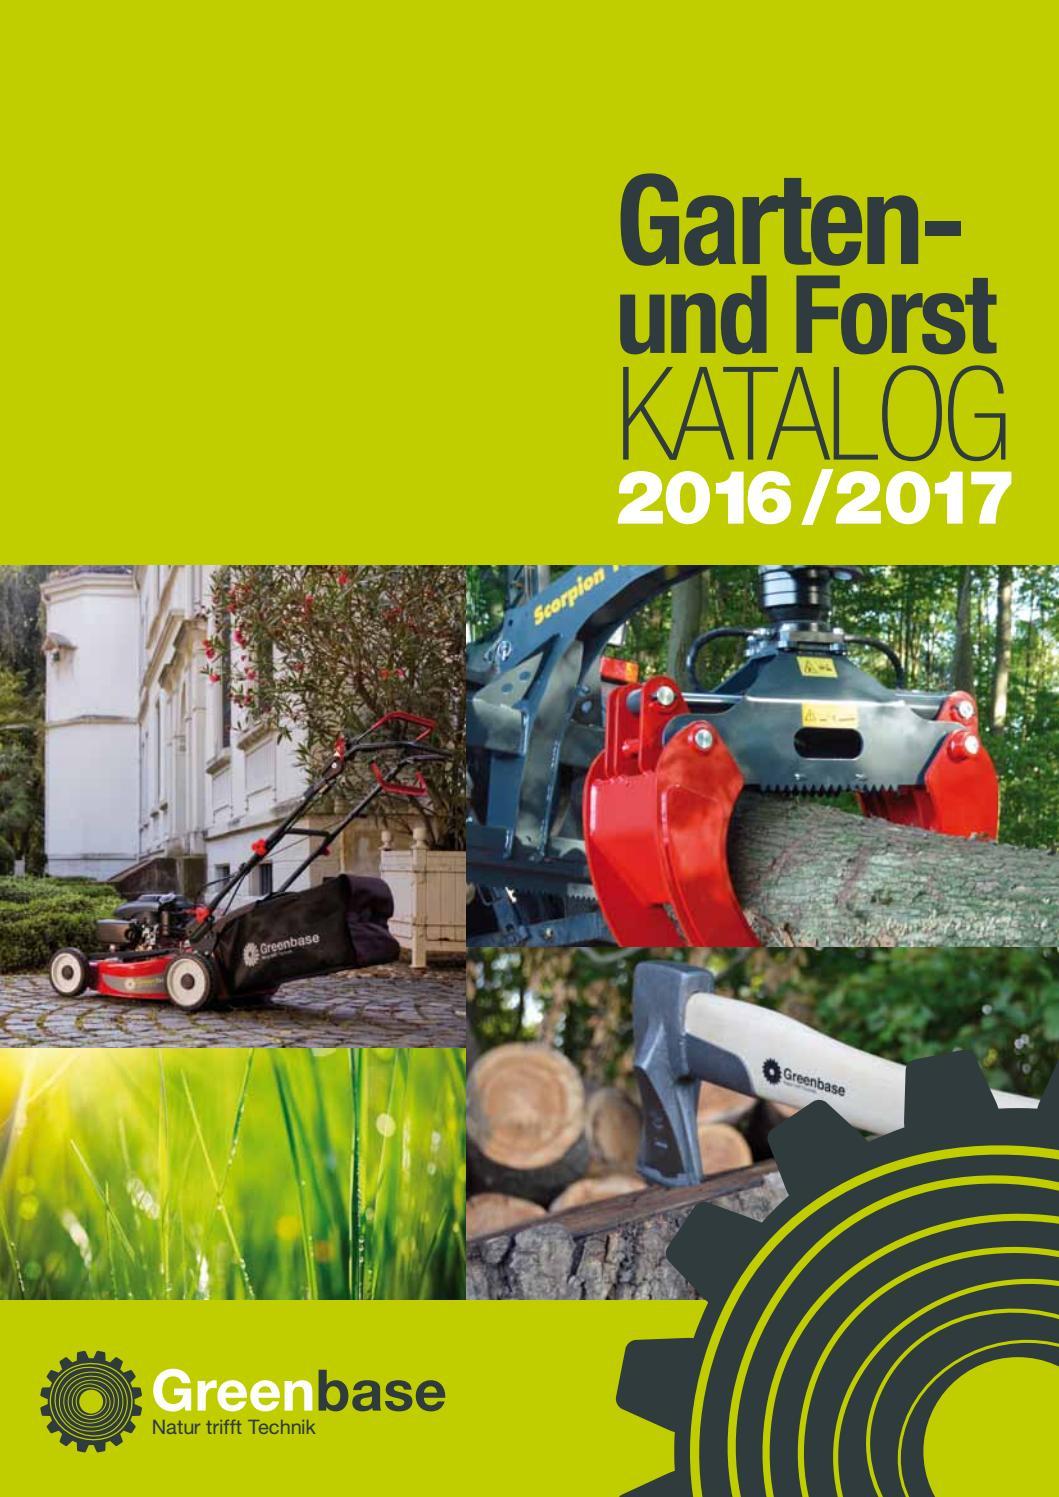 Greenbase Katalog 2017 by Matterstock GmbH - issuu